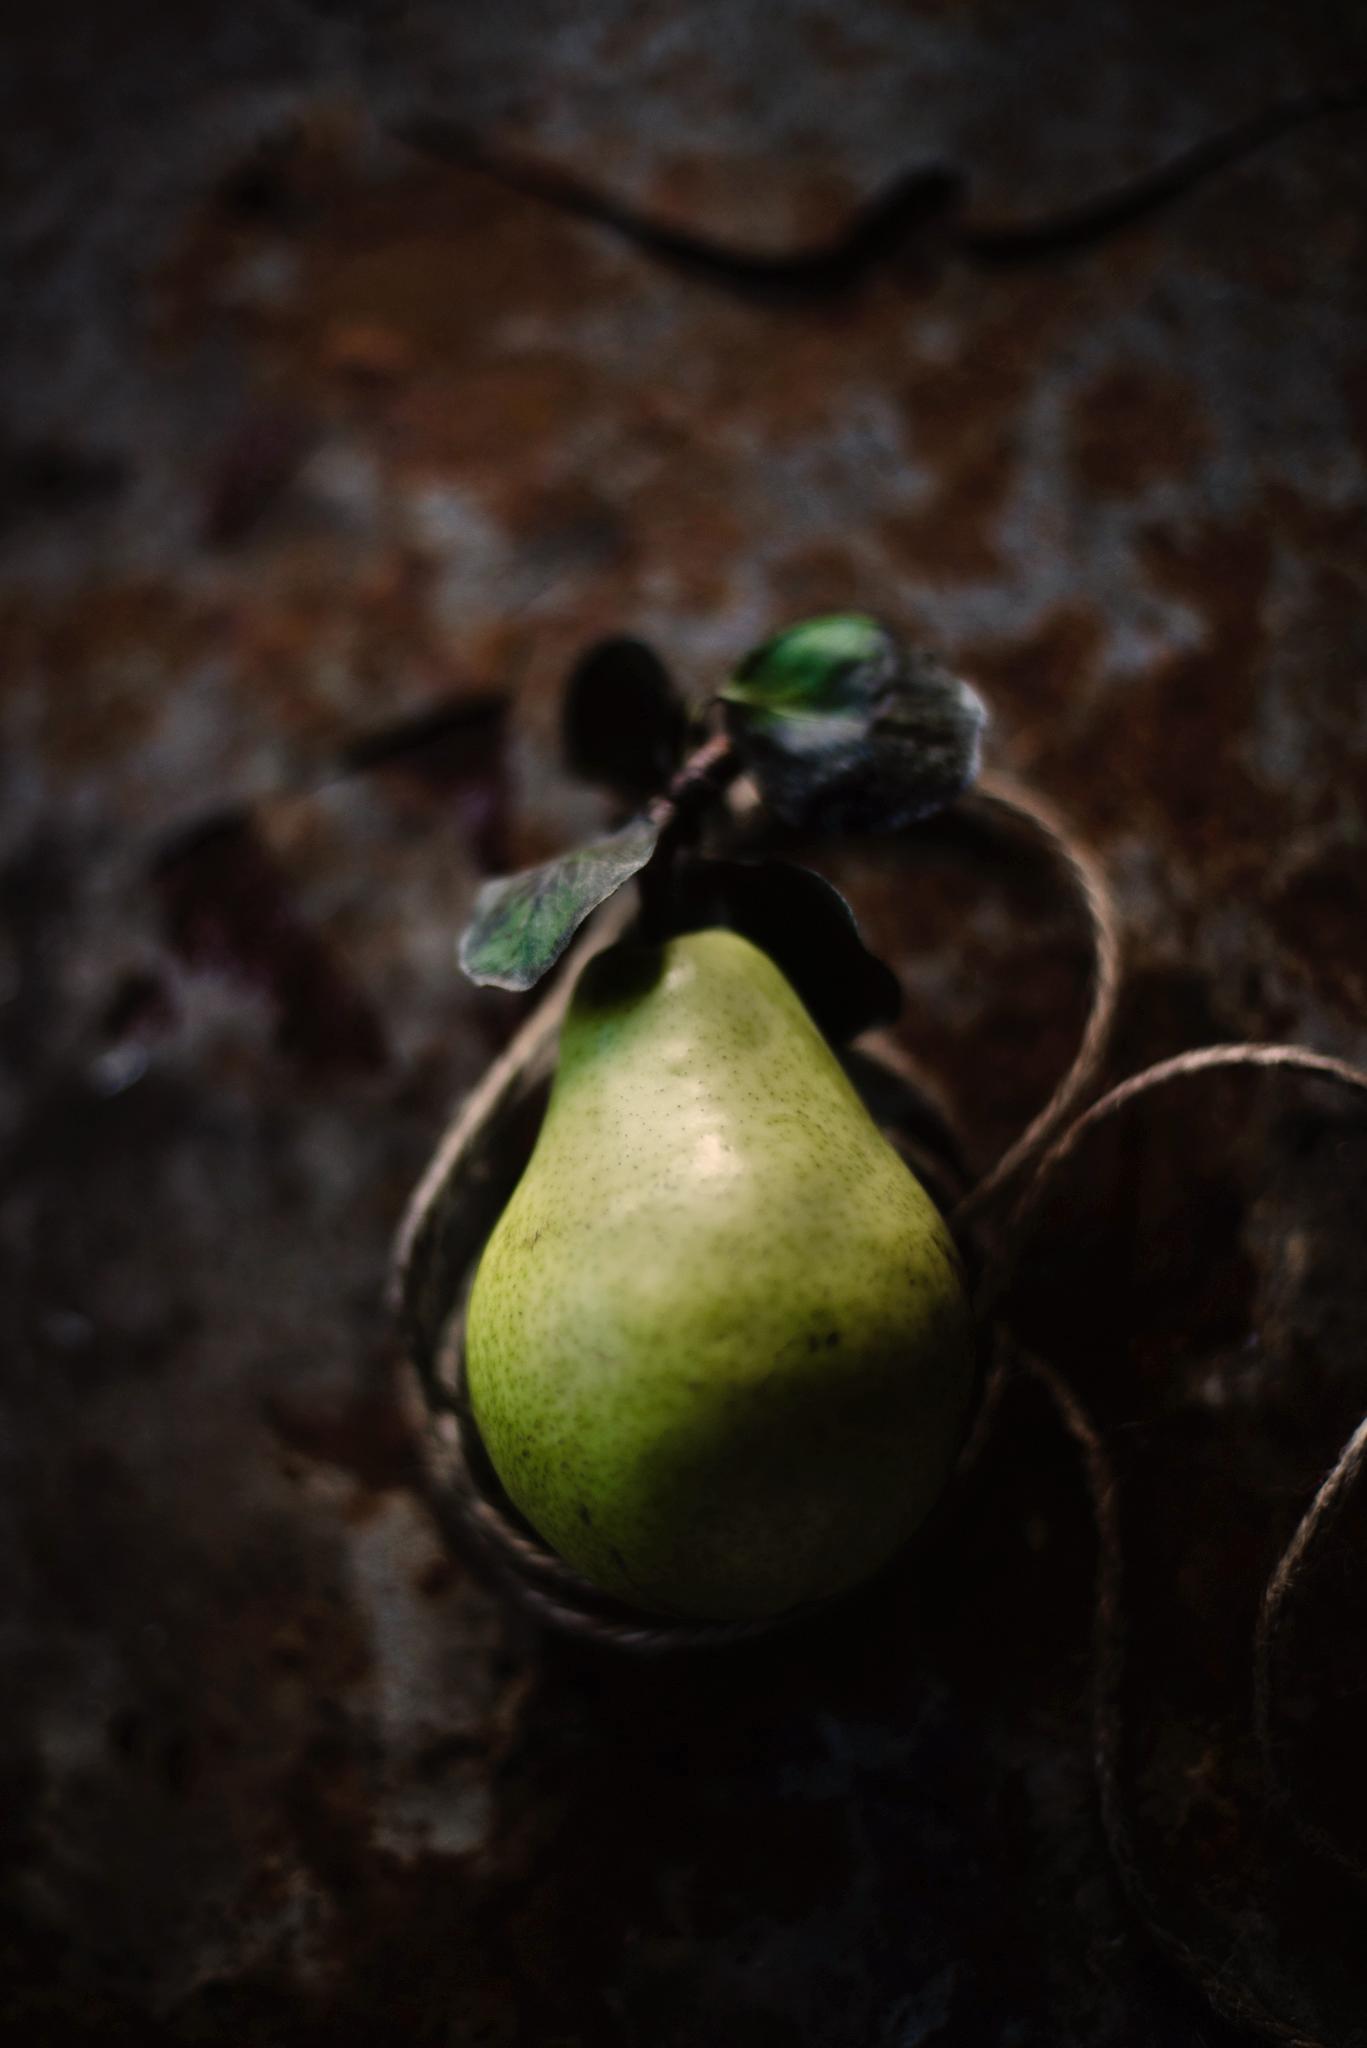 sydney-food-photographer-pears-flatlay